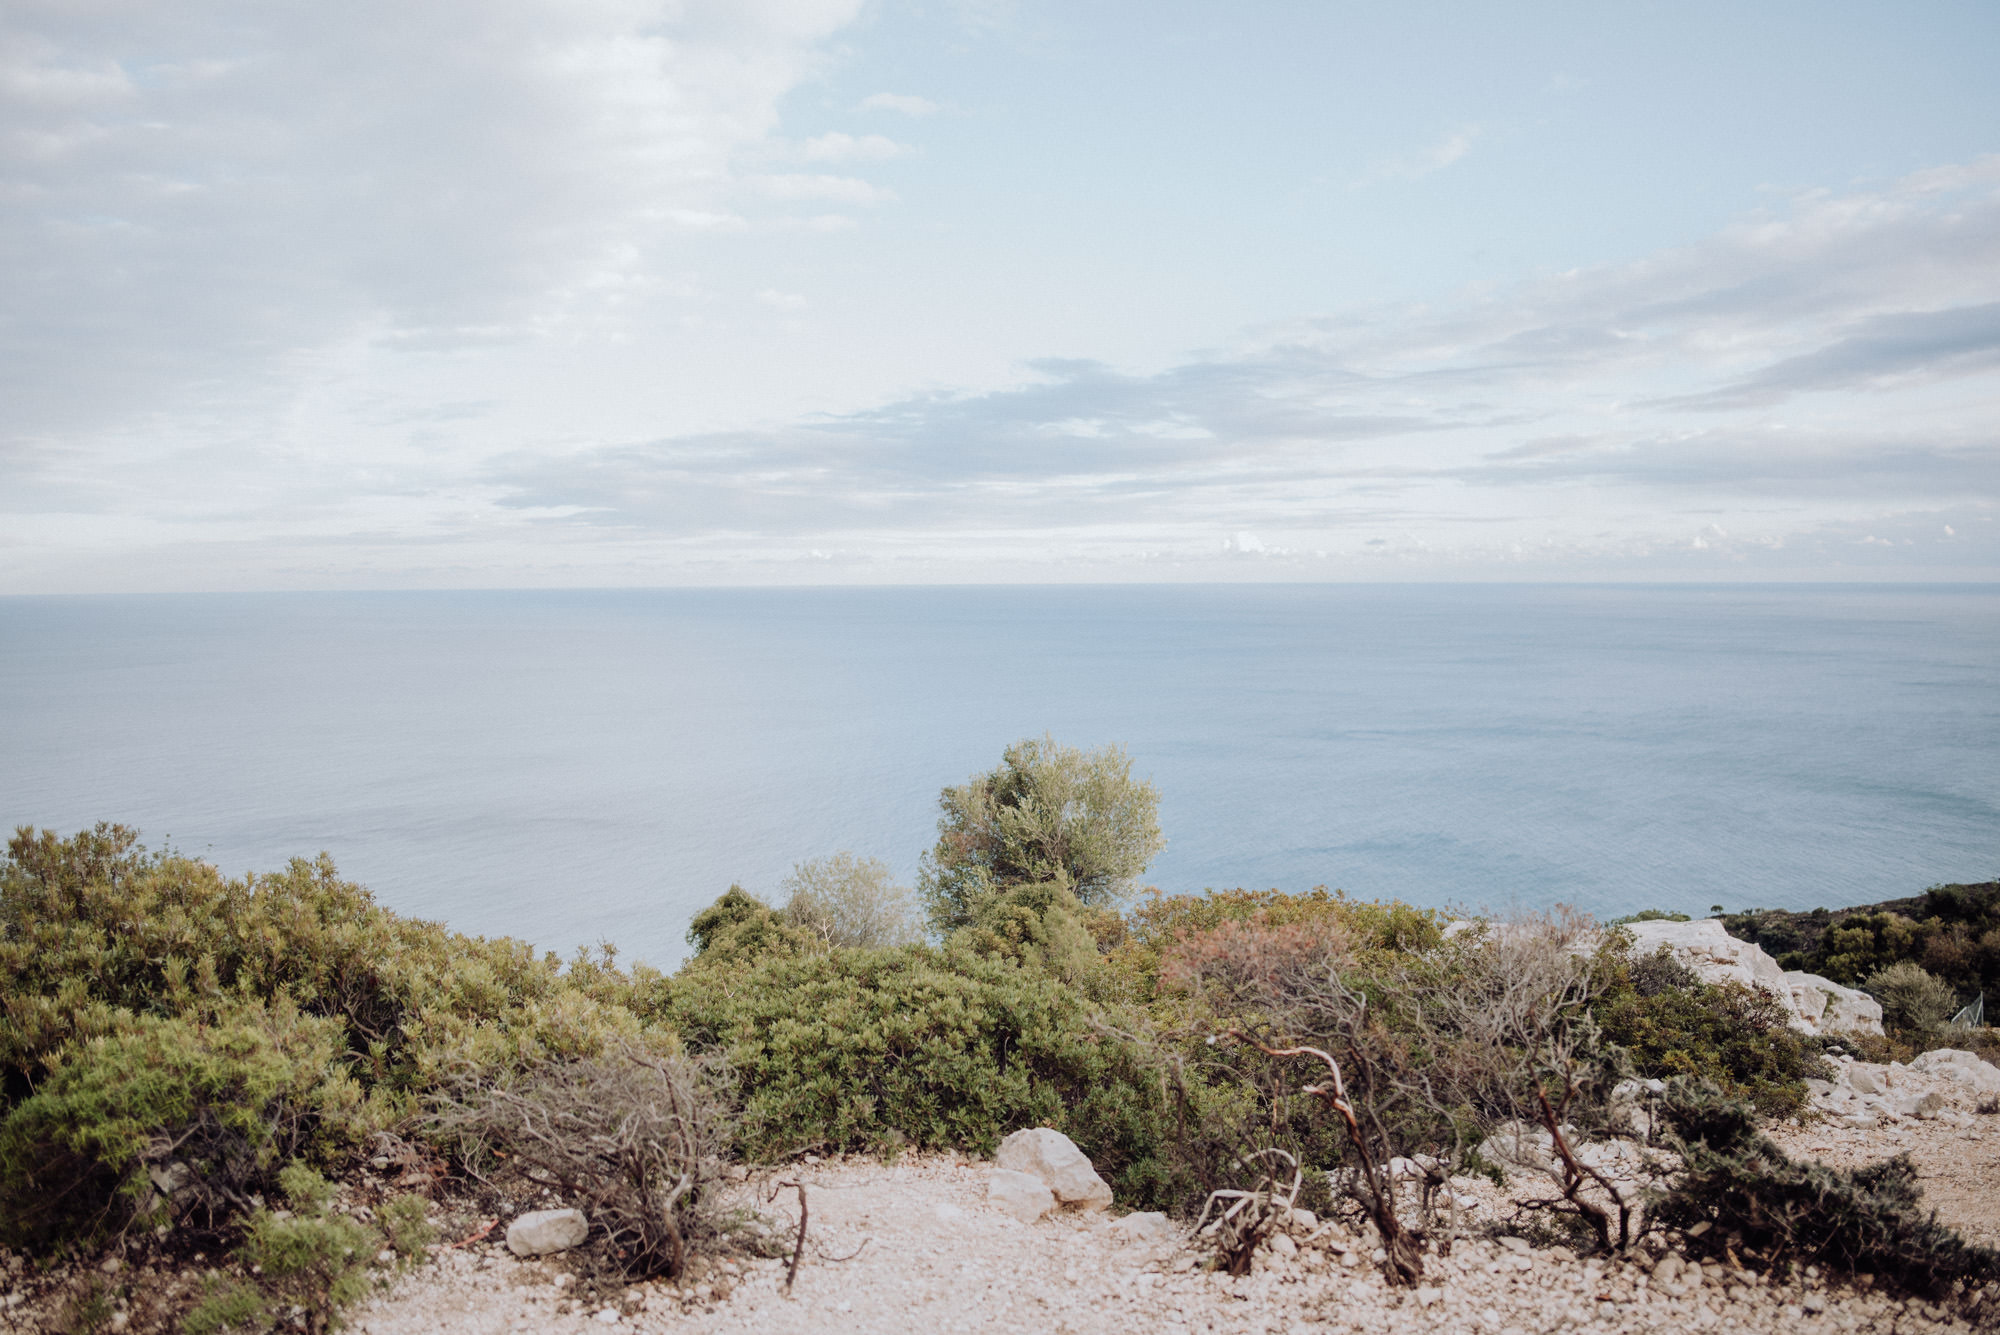 hochzeitsfotograf sardinien italien